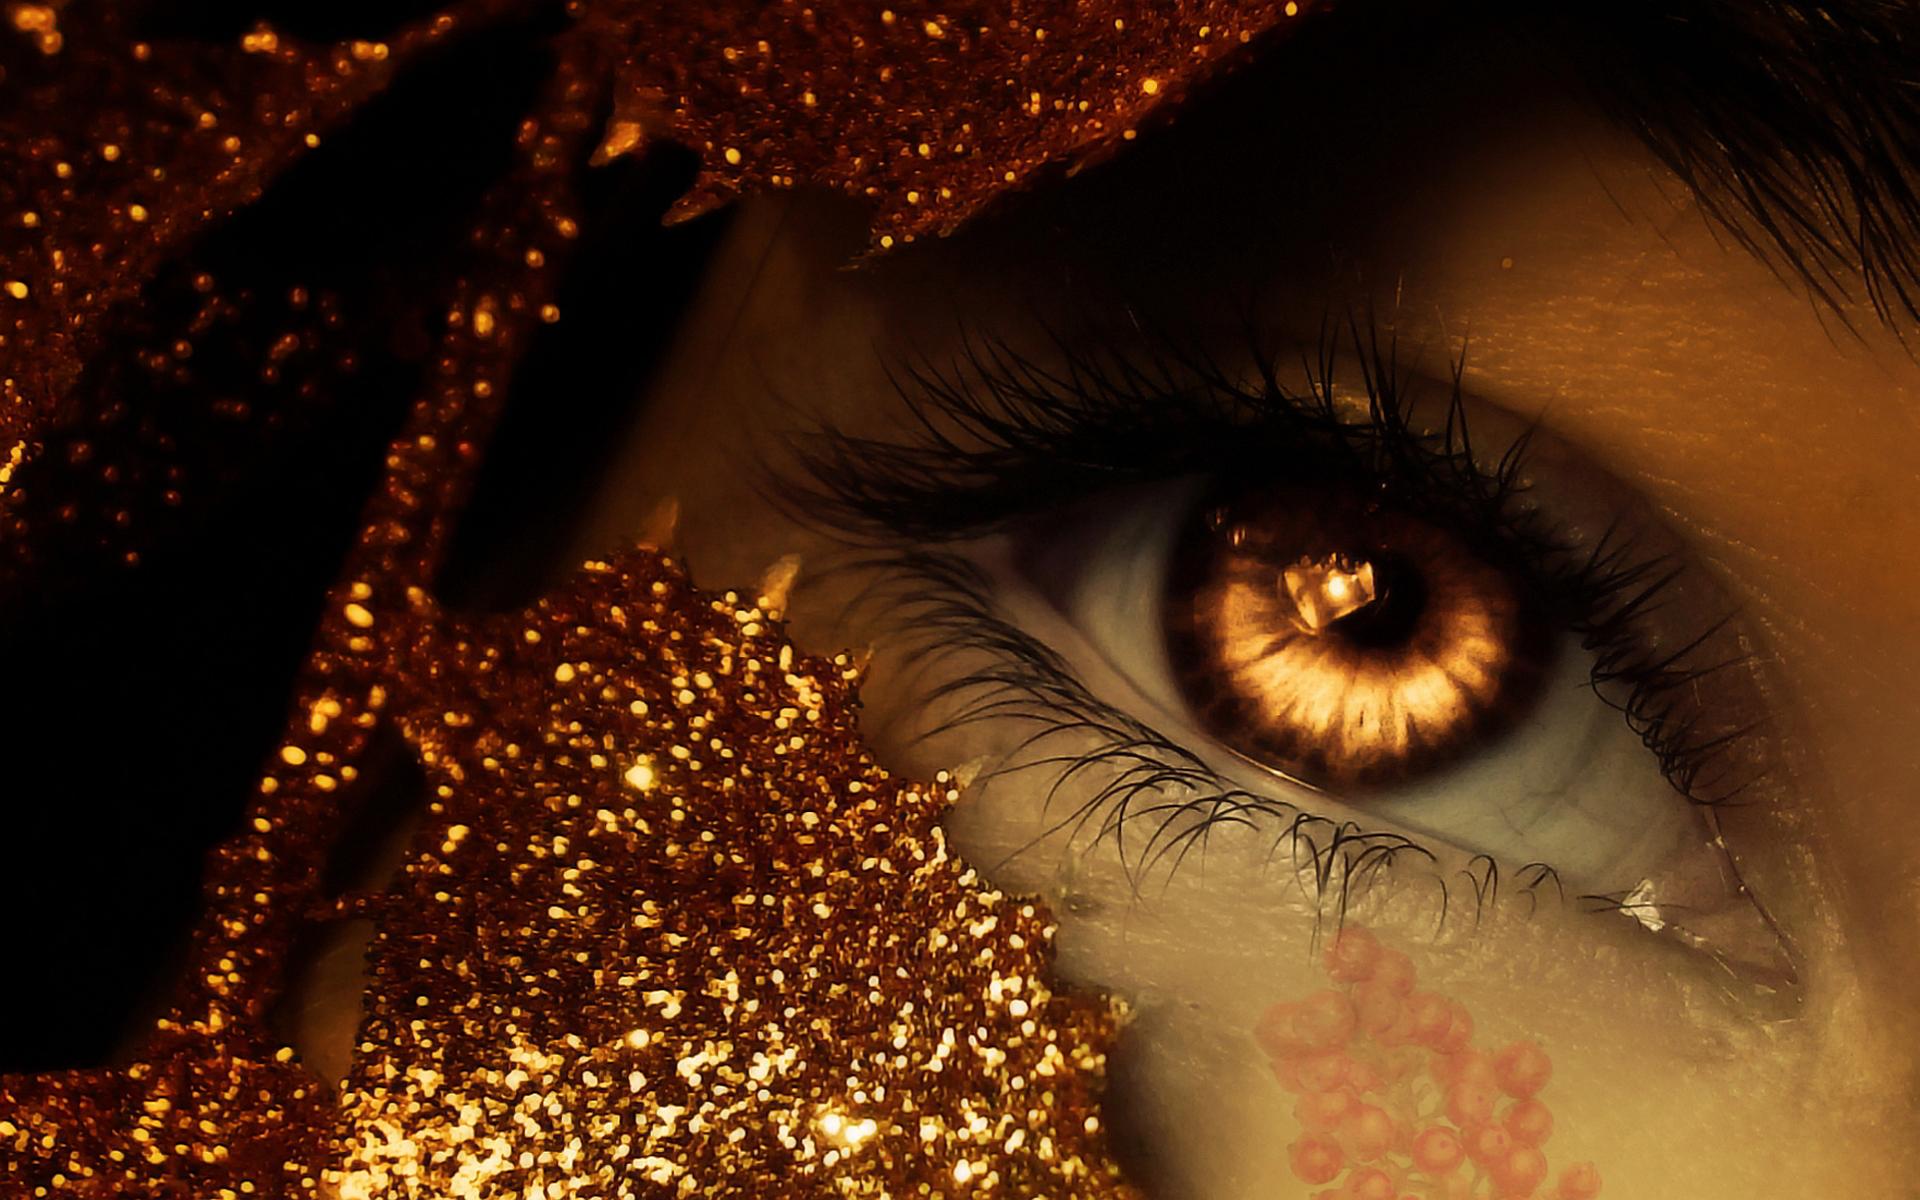 Fantasy eye tear